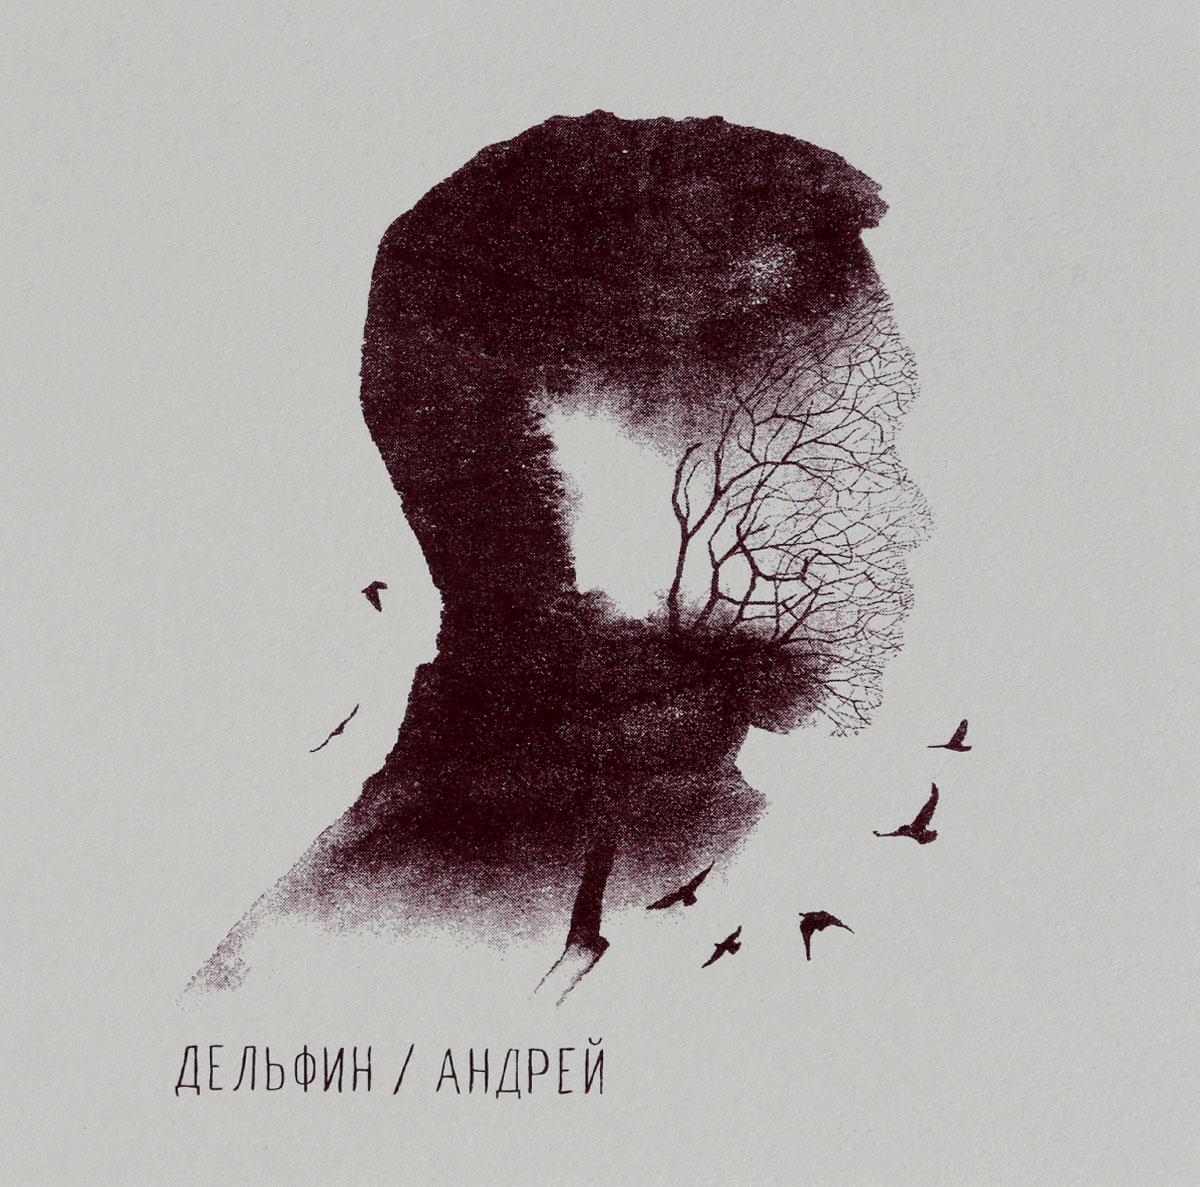 Дельфин Дельфин. Андрей (переиздание) андрей черненко божьи твари